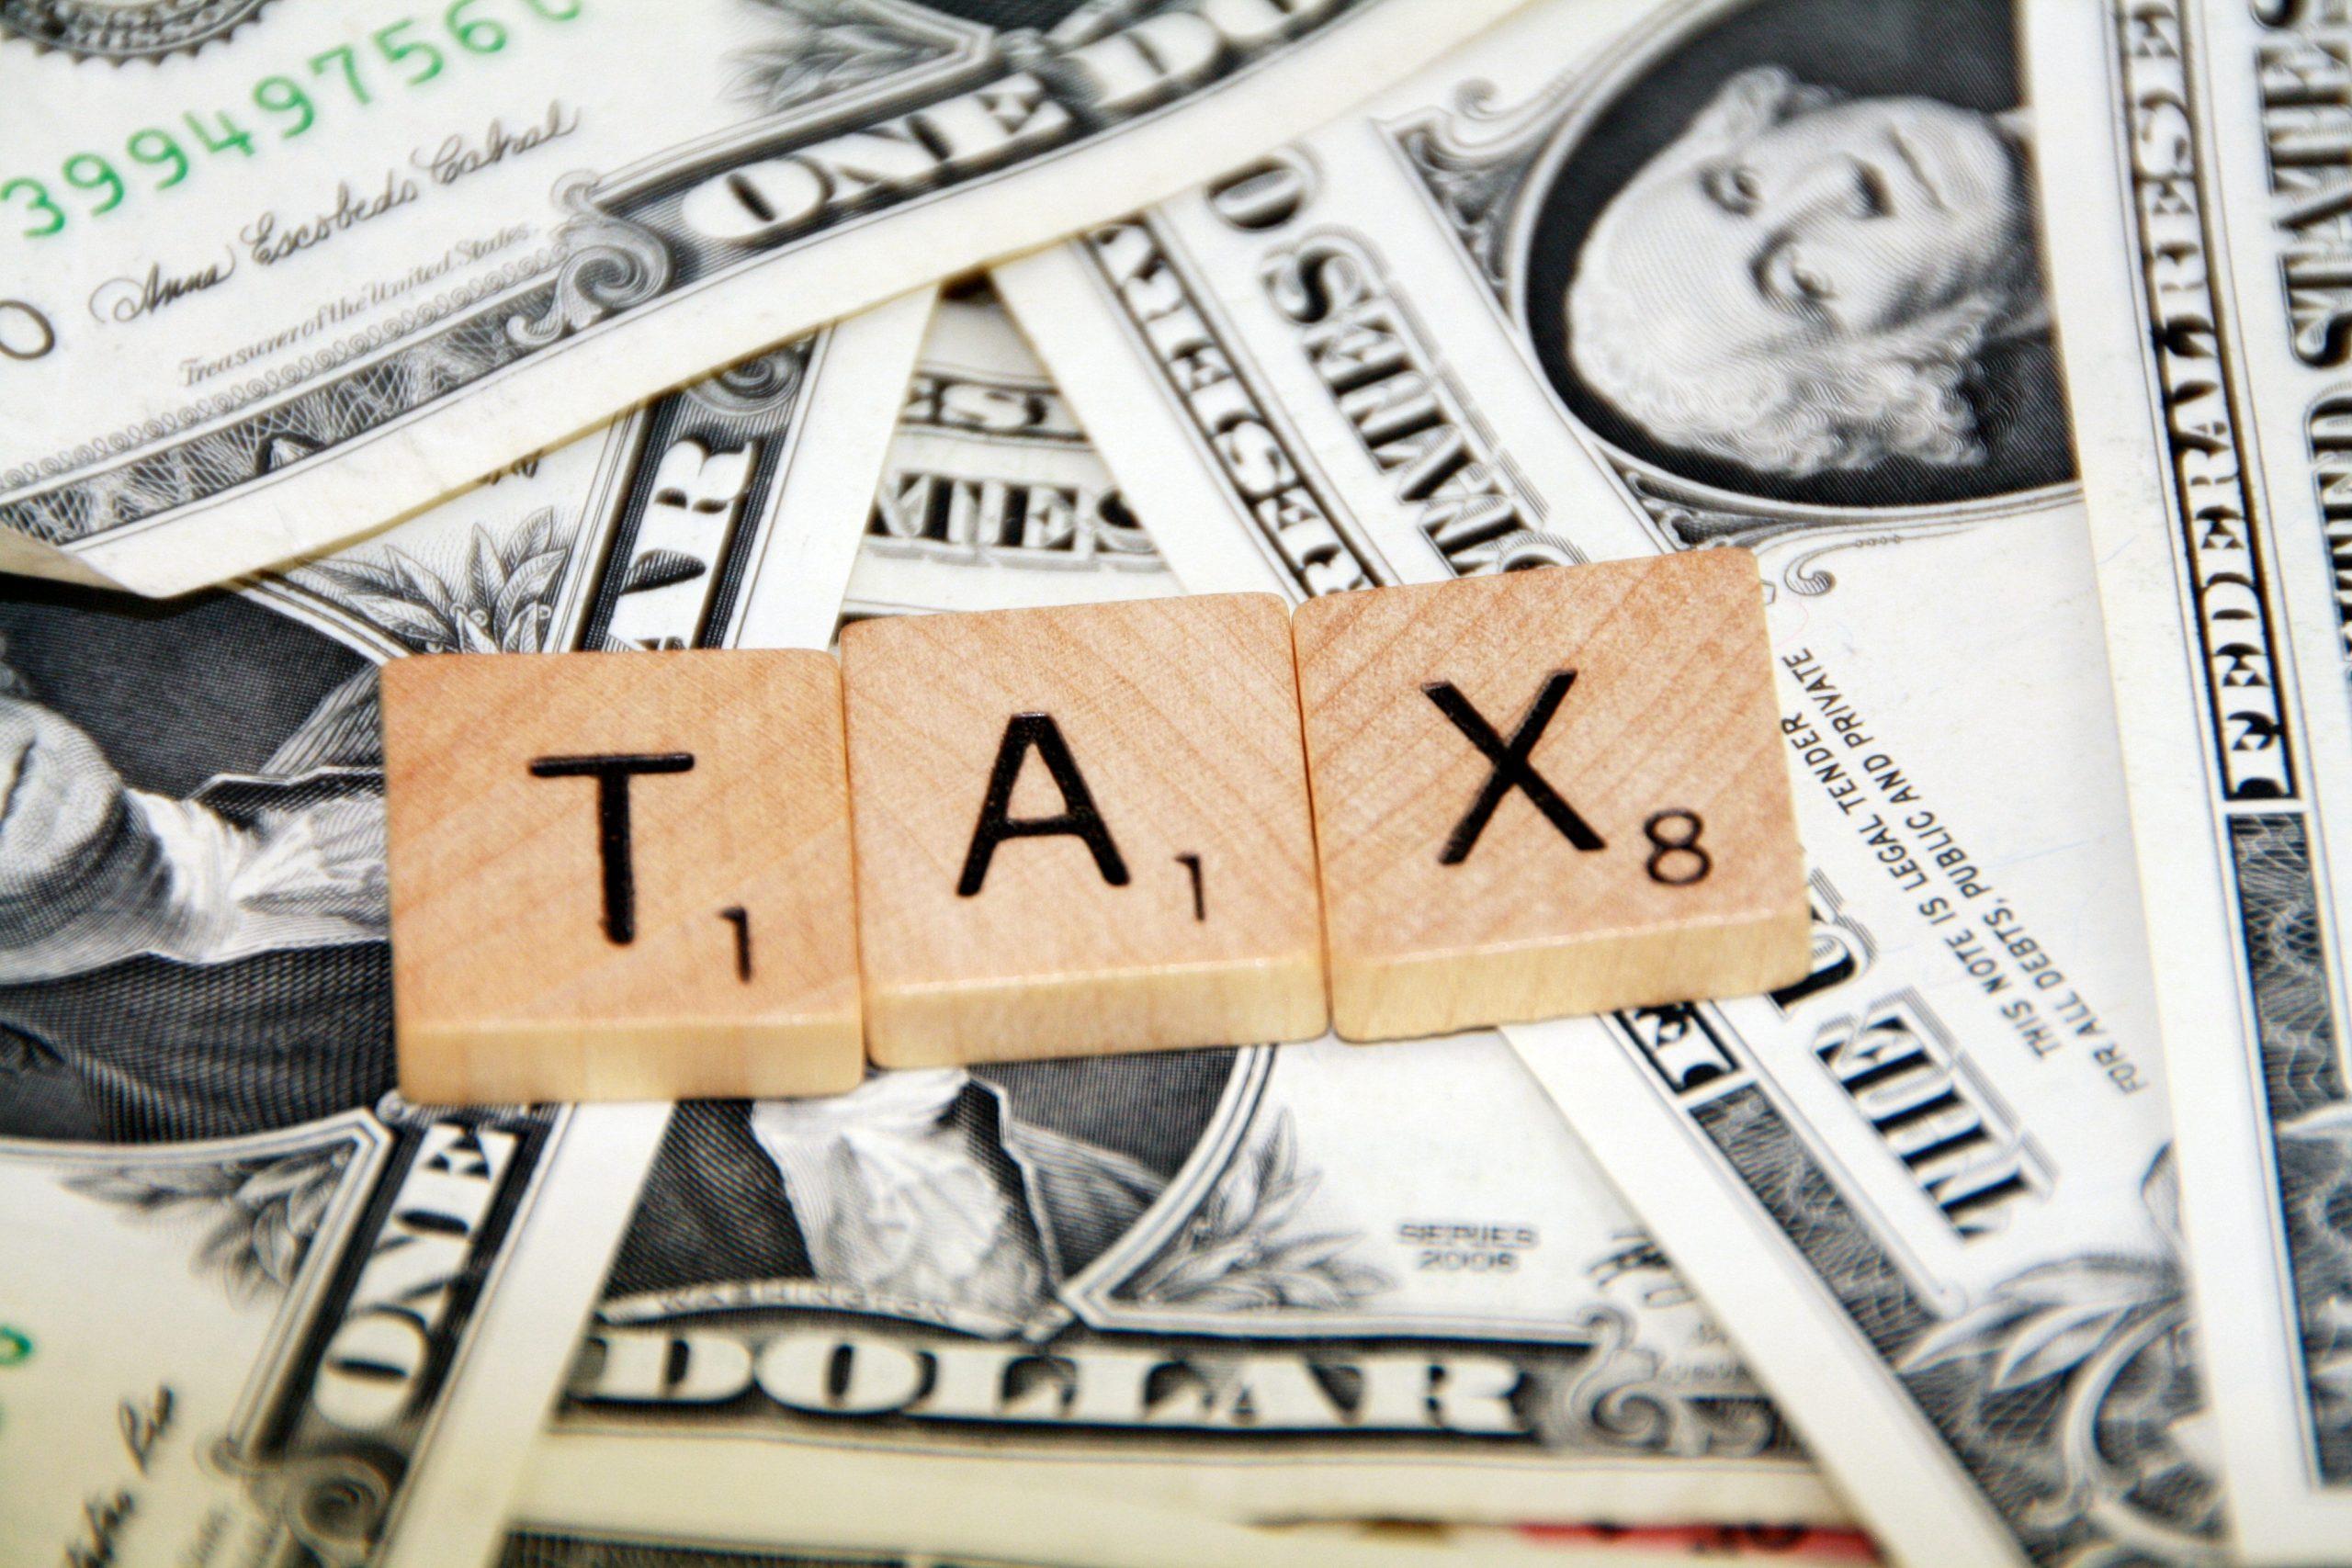 Financial transaction tax, EU FTT, Implementation of FTT, Implementation of financial transaction tax, eu financial transaction tax